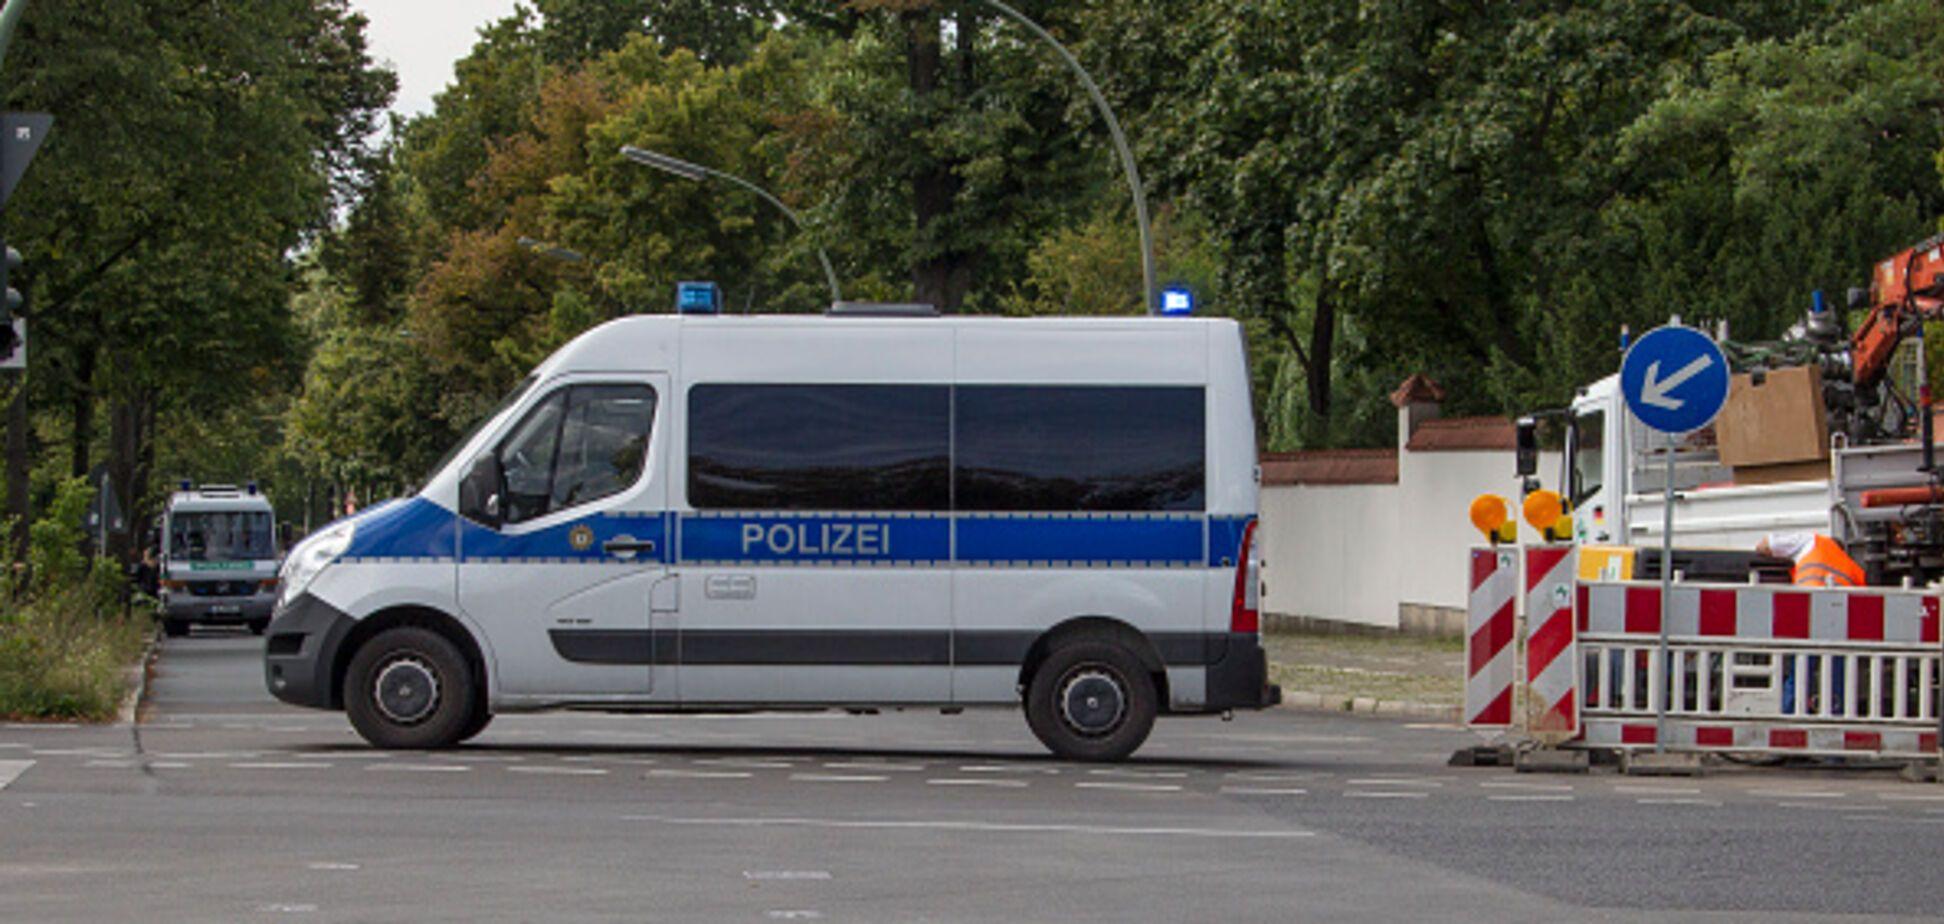 В Гамбурге на вокзале прогремел взрыв: появились первые фото и видео